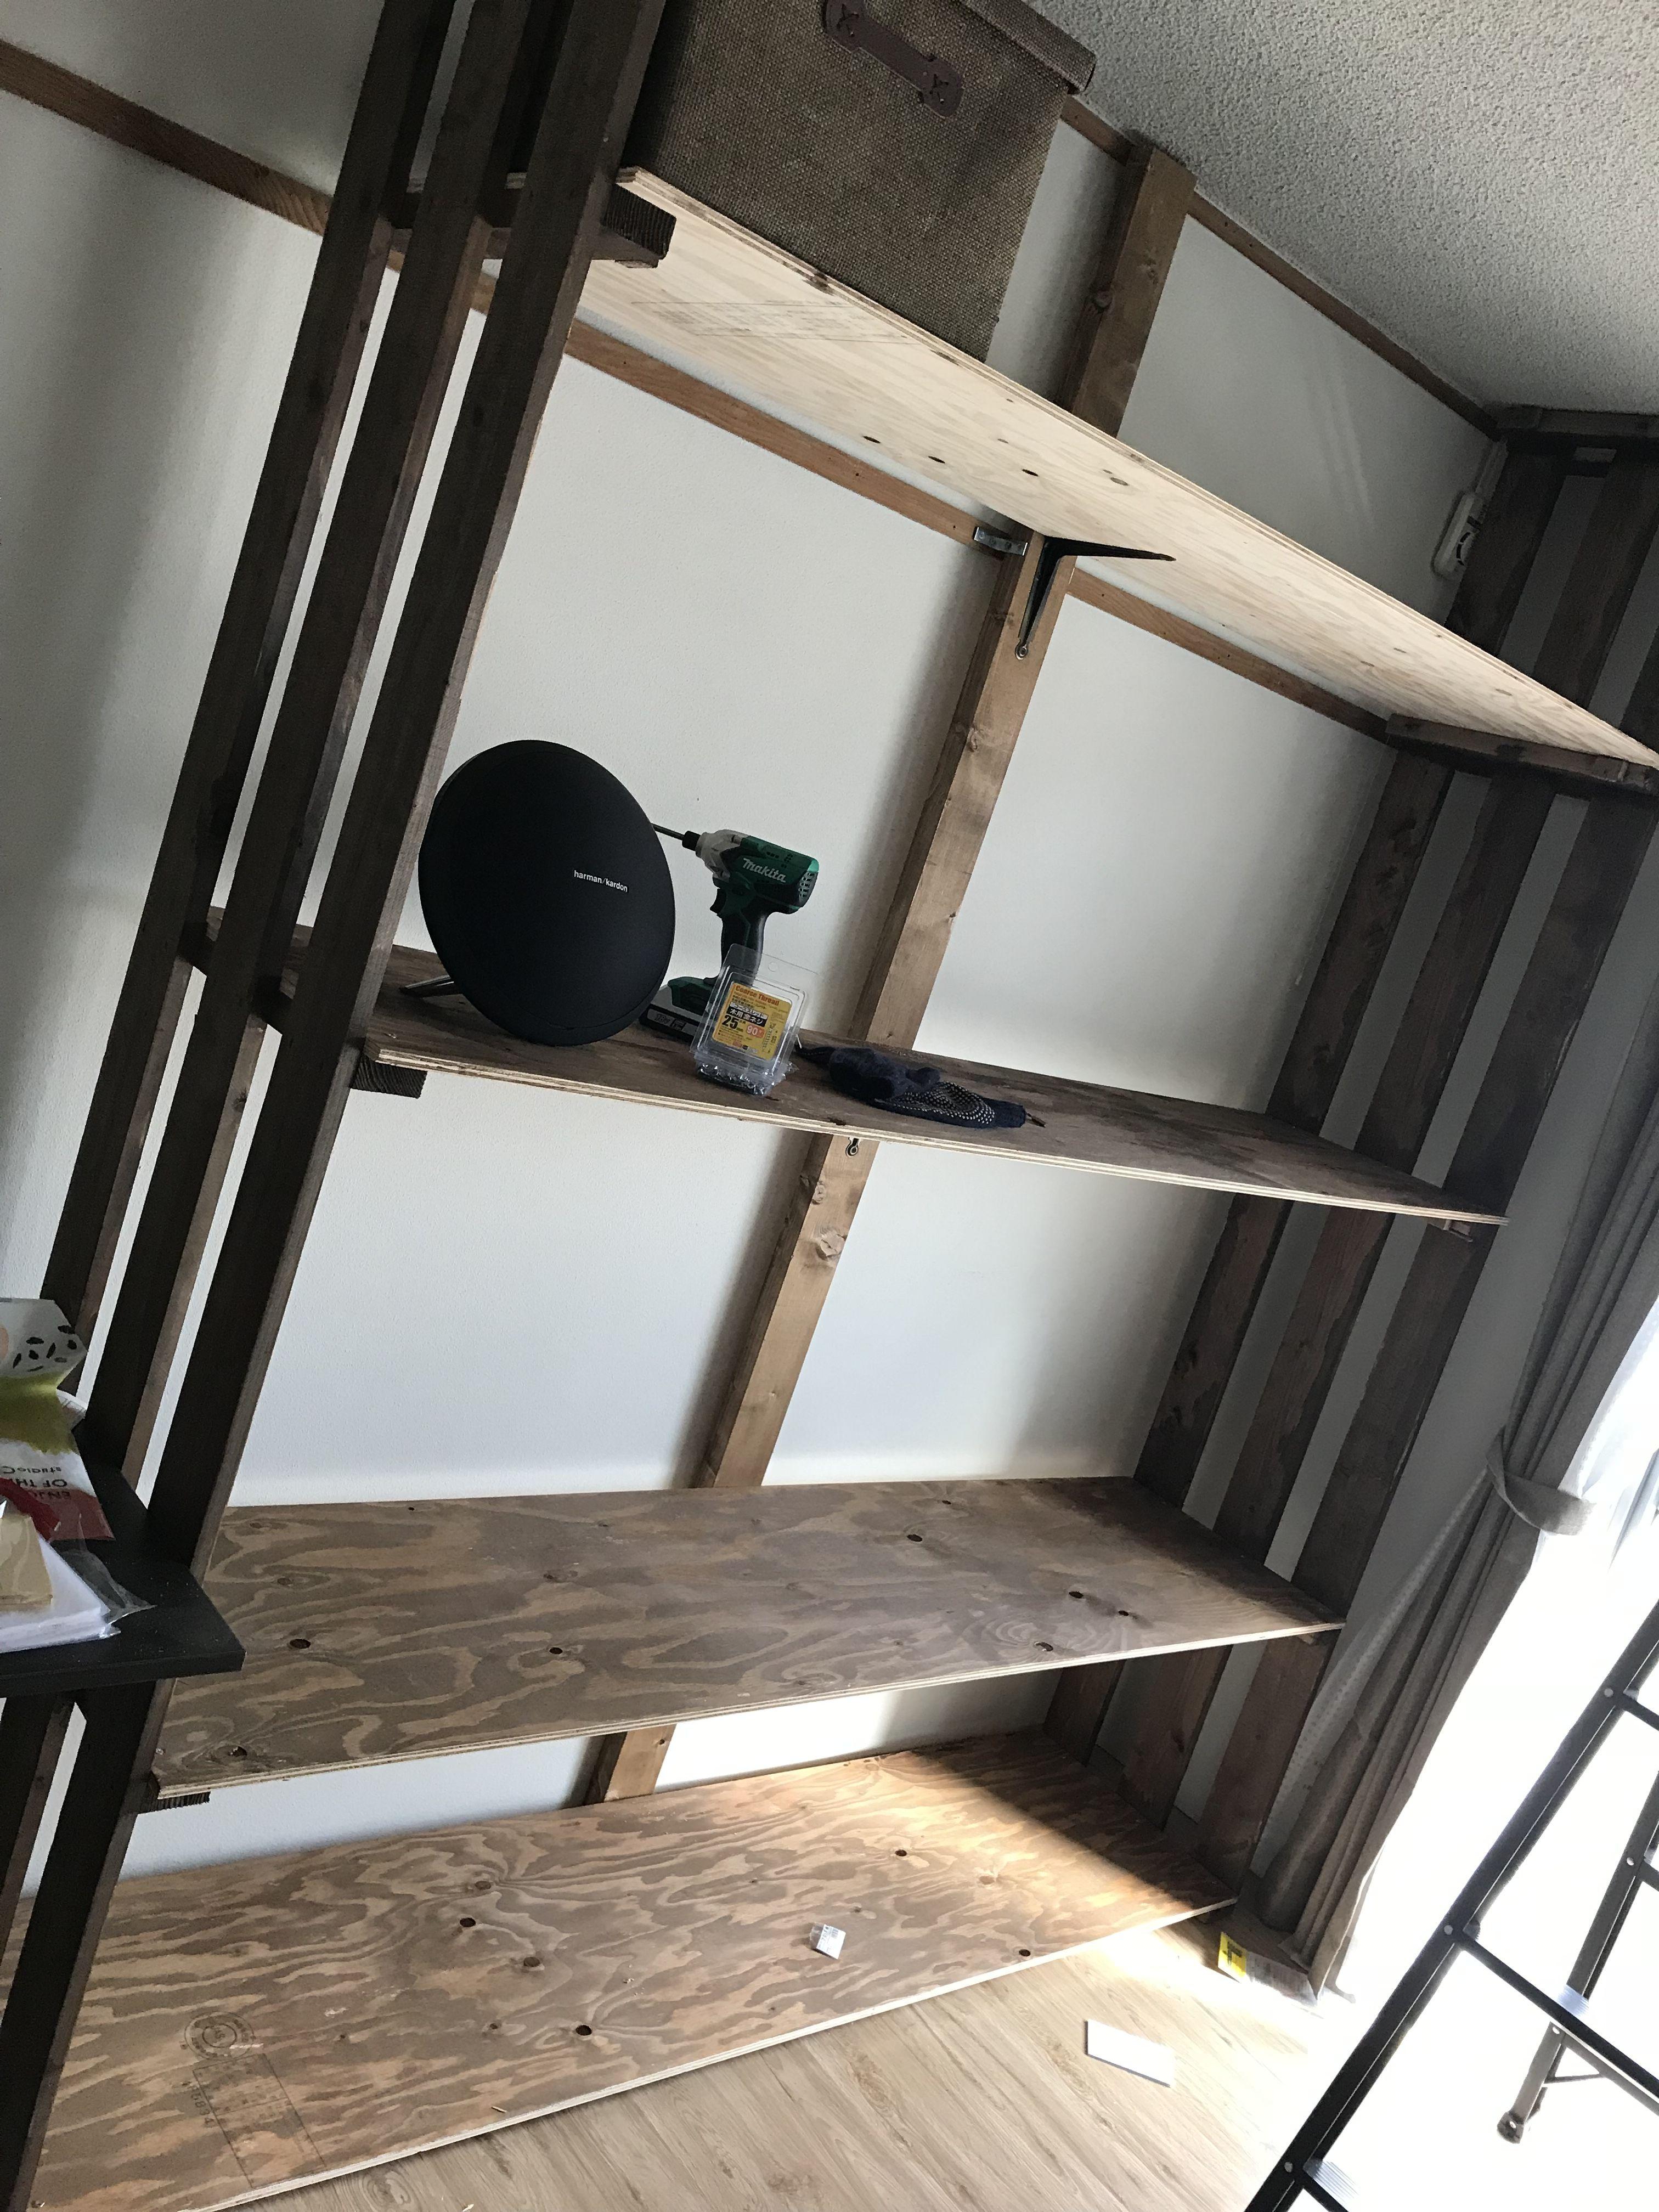 自分の部屋に丁度良い大きさの収納がなかった為diyにて作成 天井まで